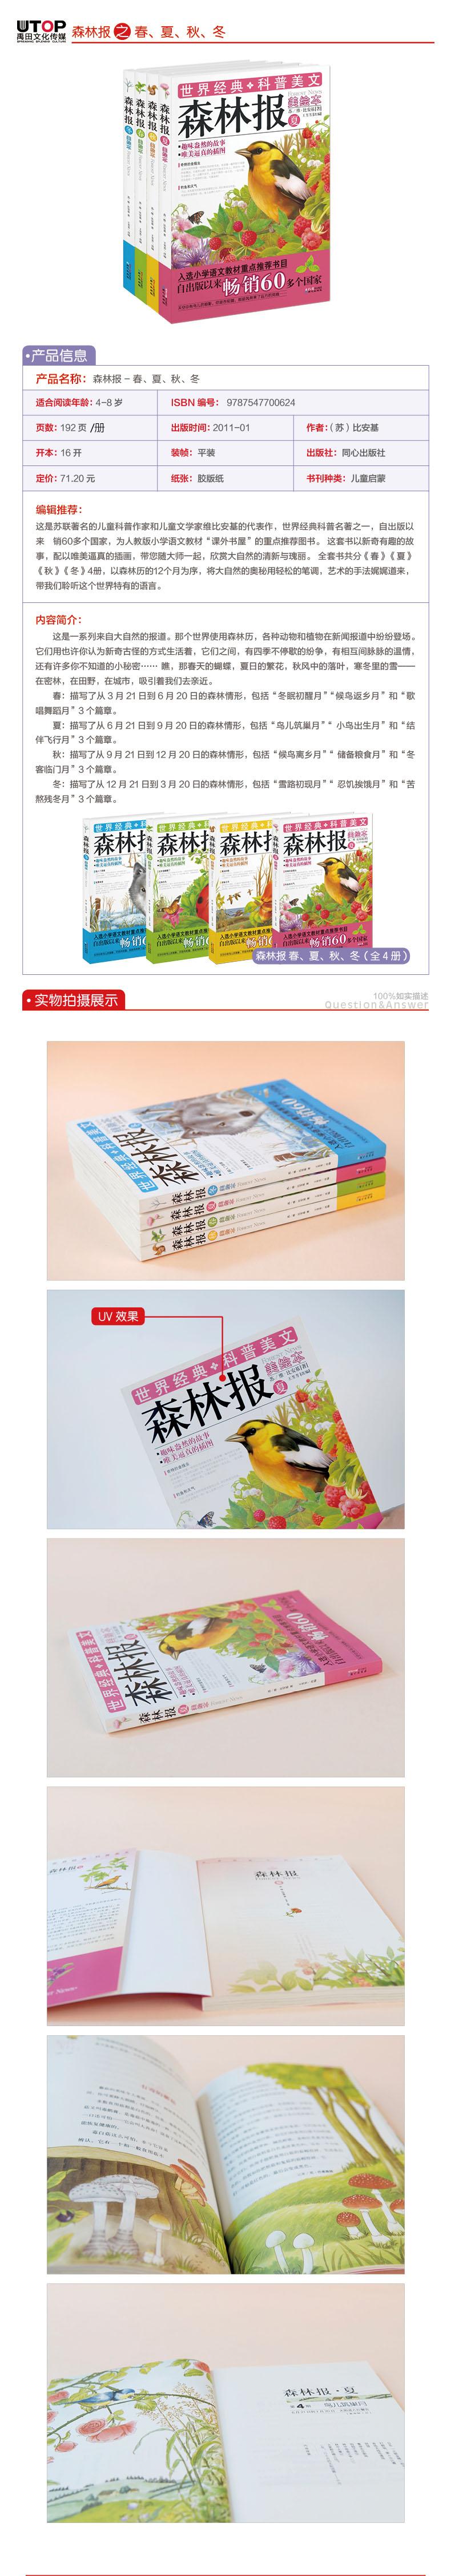 森林报美绘本精装:春夏秋冬(全4册)